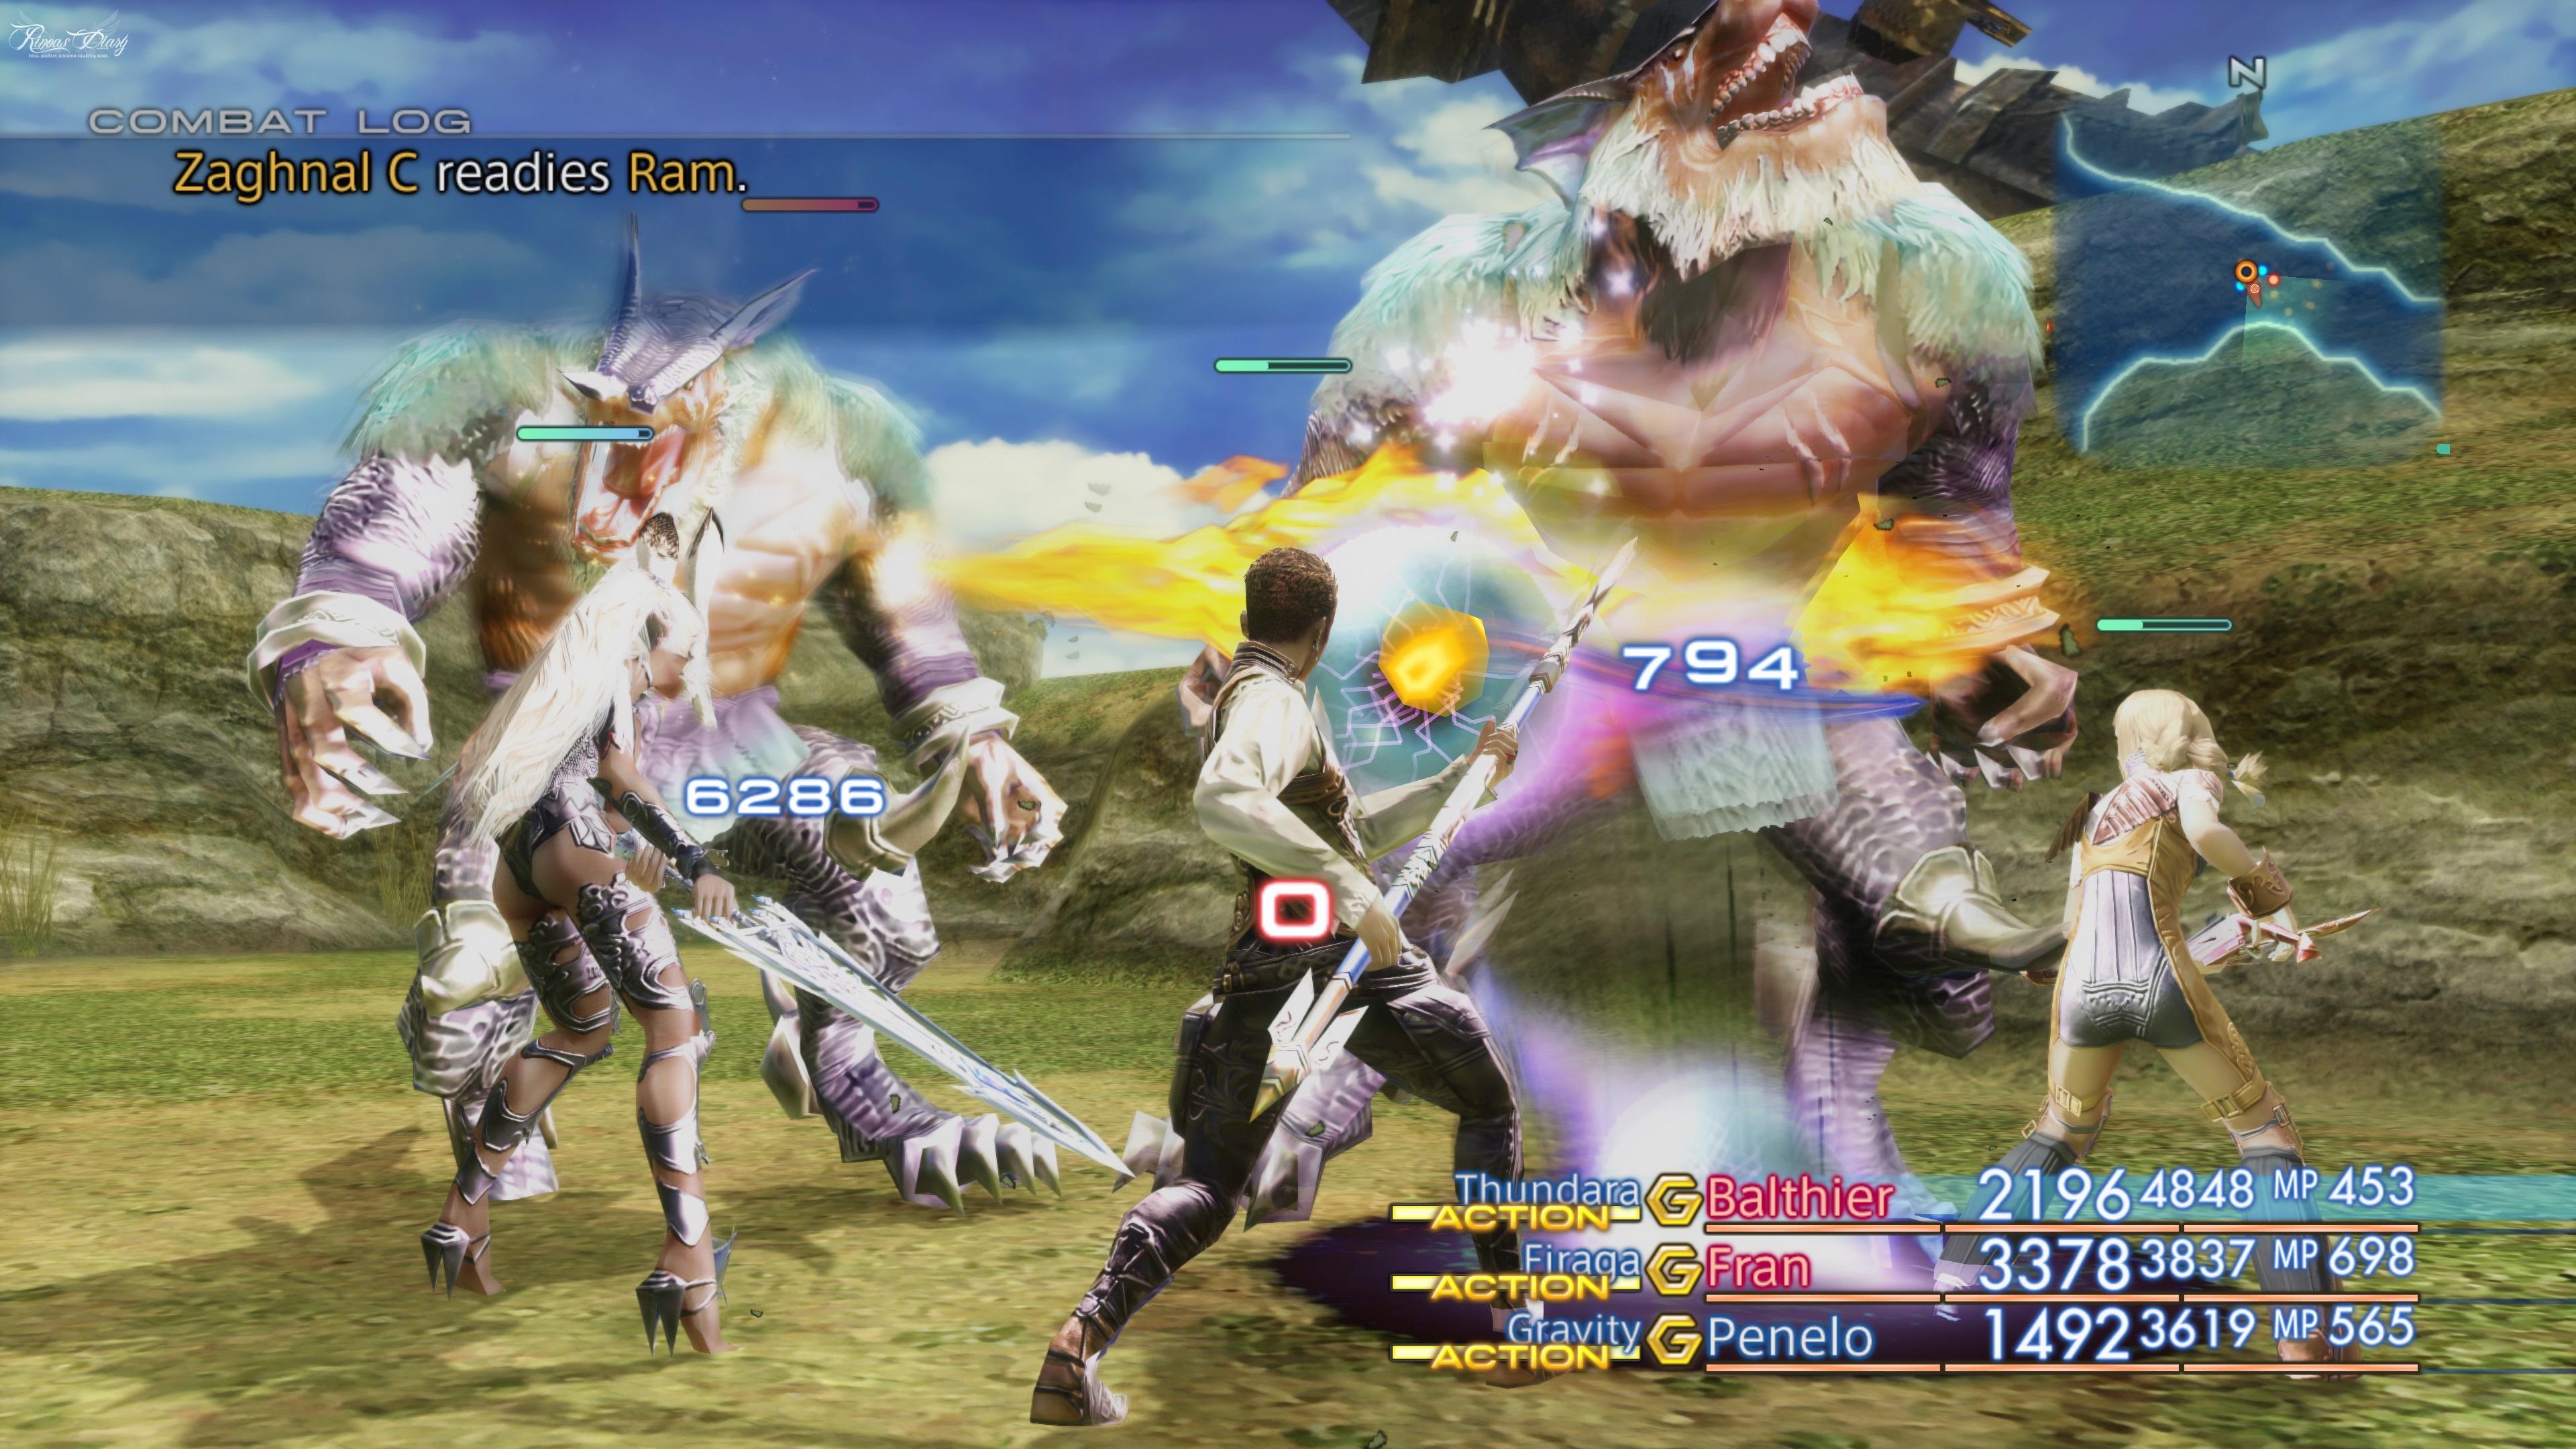 Final Fantasy XII: The Zodiac Age arriva su PC l'1 Febbraio!